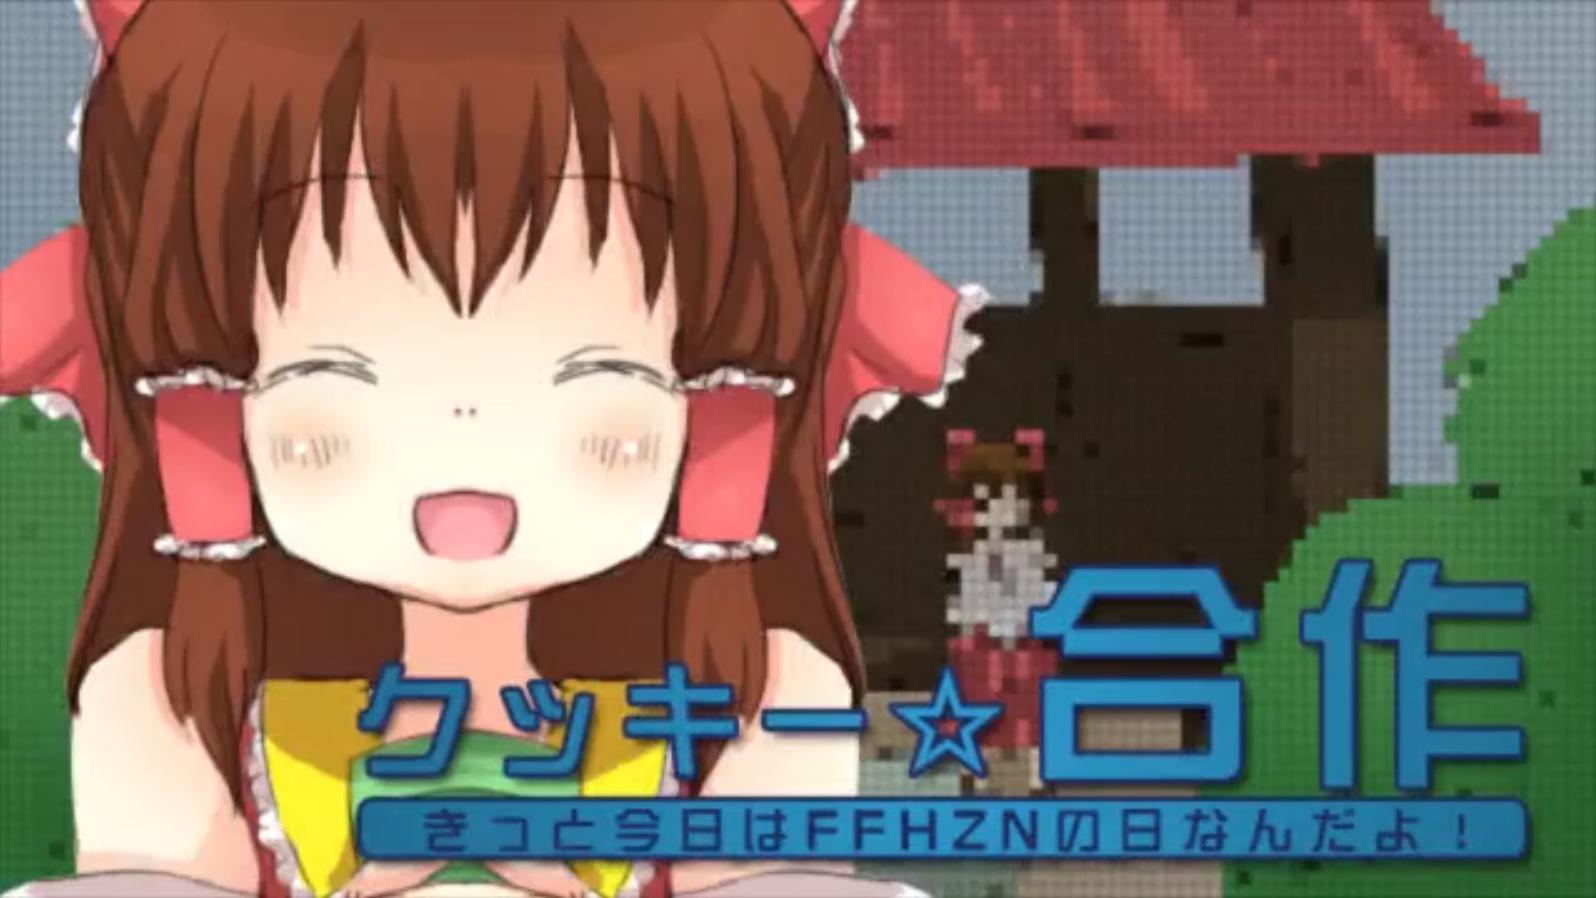 【Cookie☆合作】今天一定就是FFHZN之日啦!